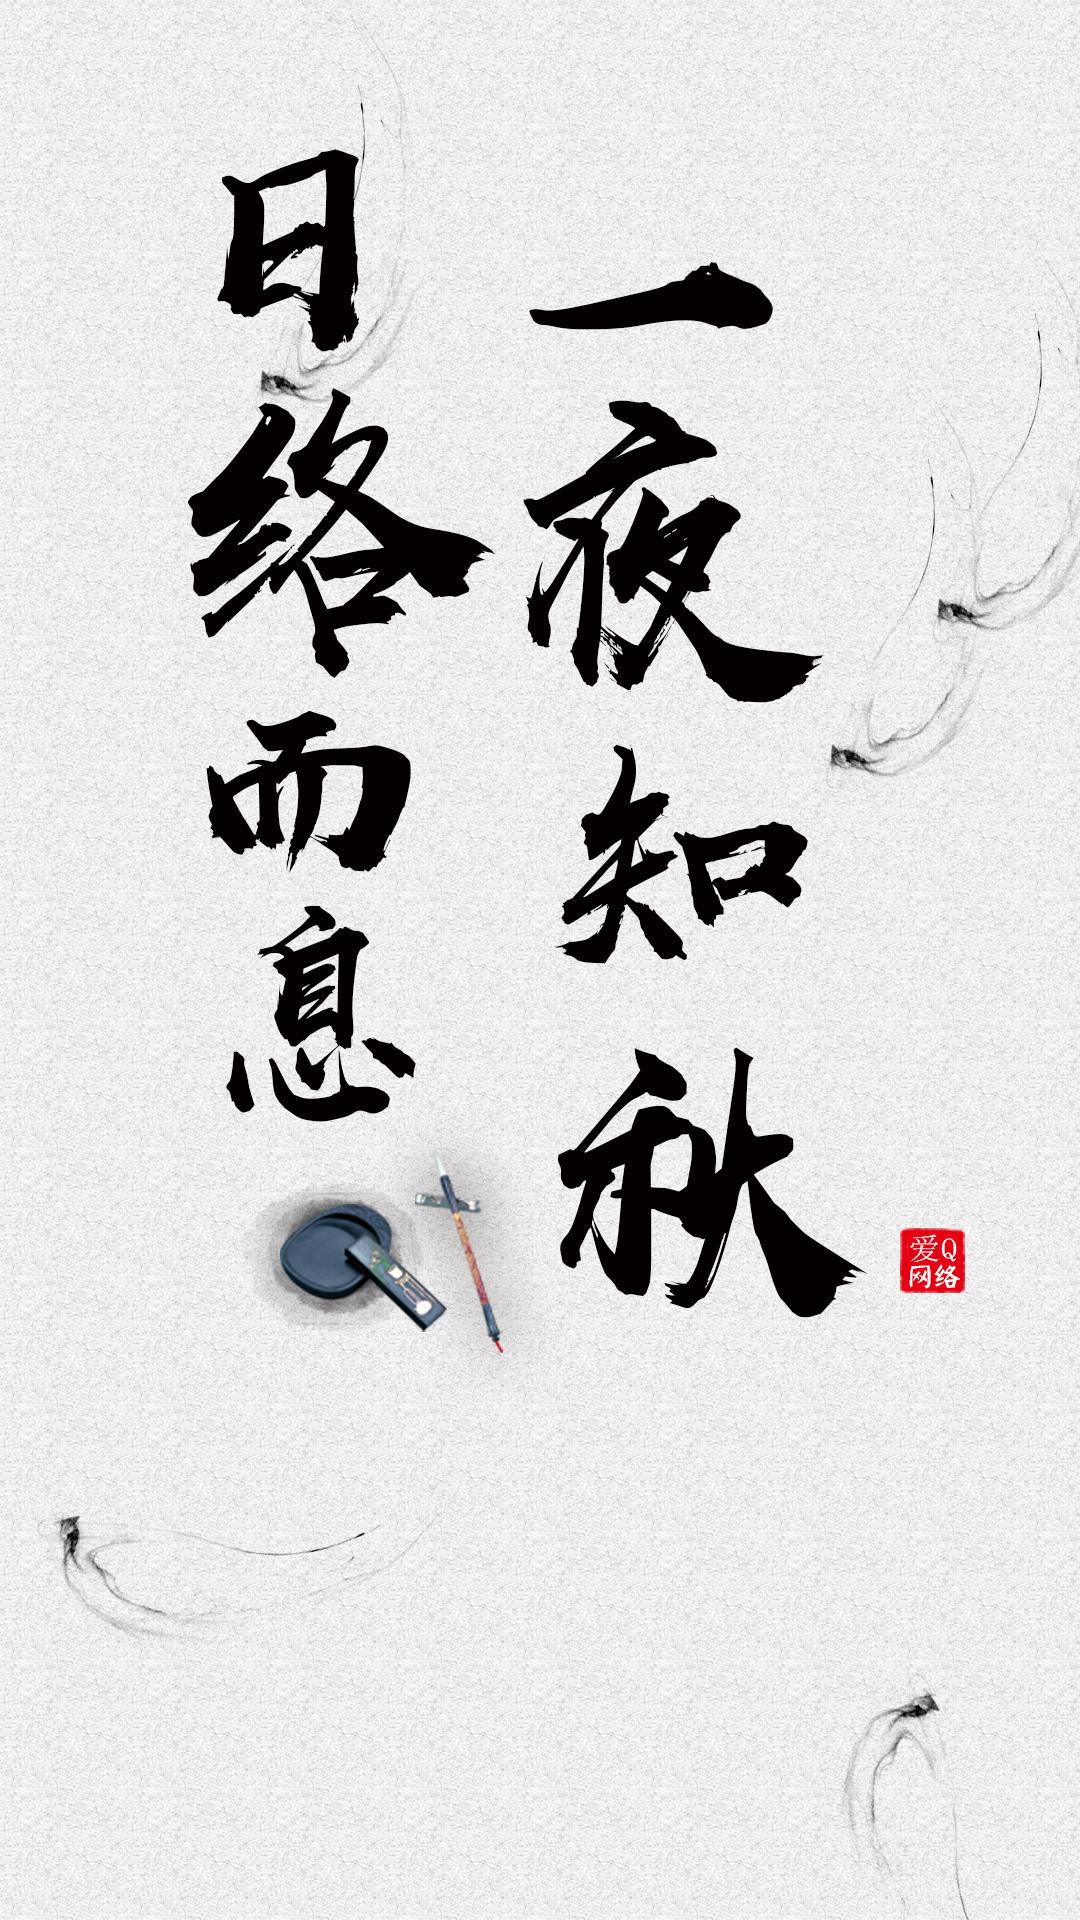 经典中国风水墨壁纸